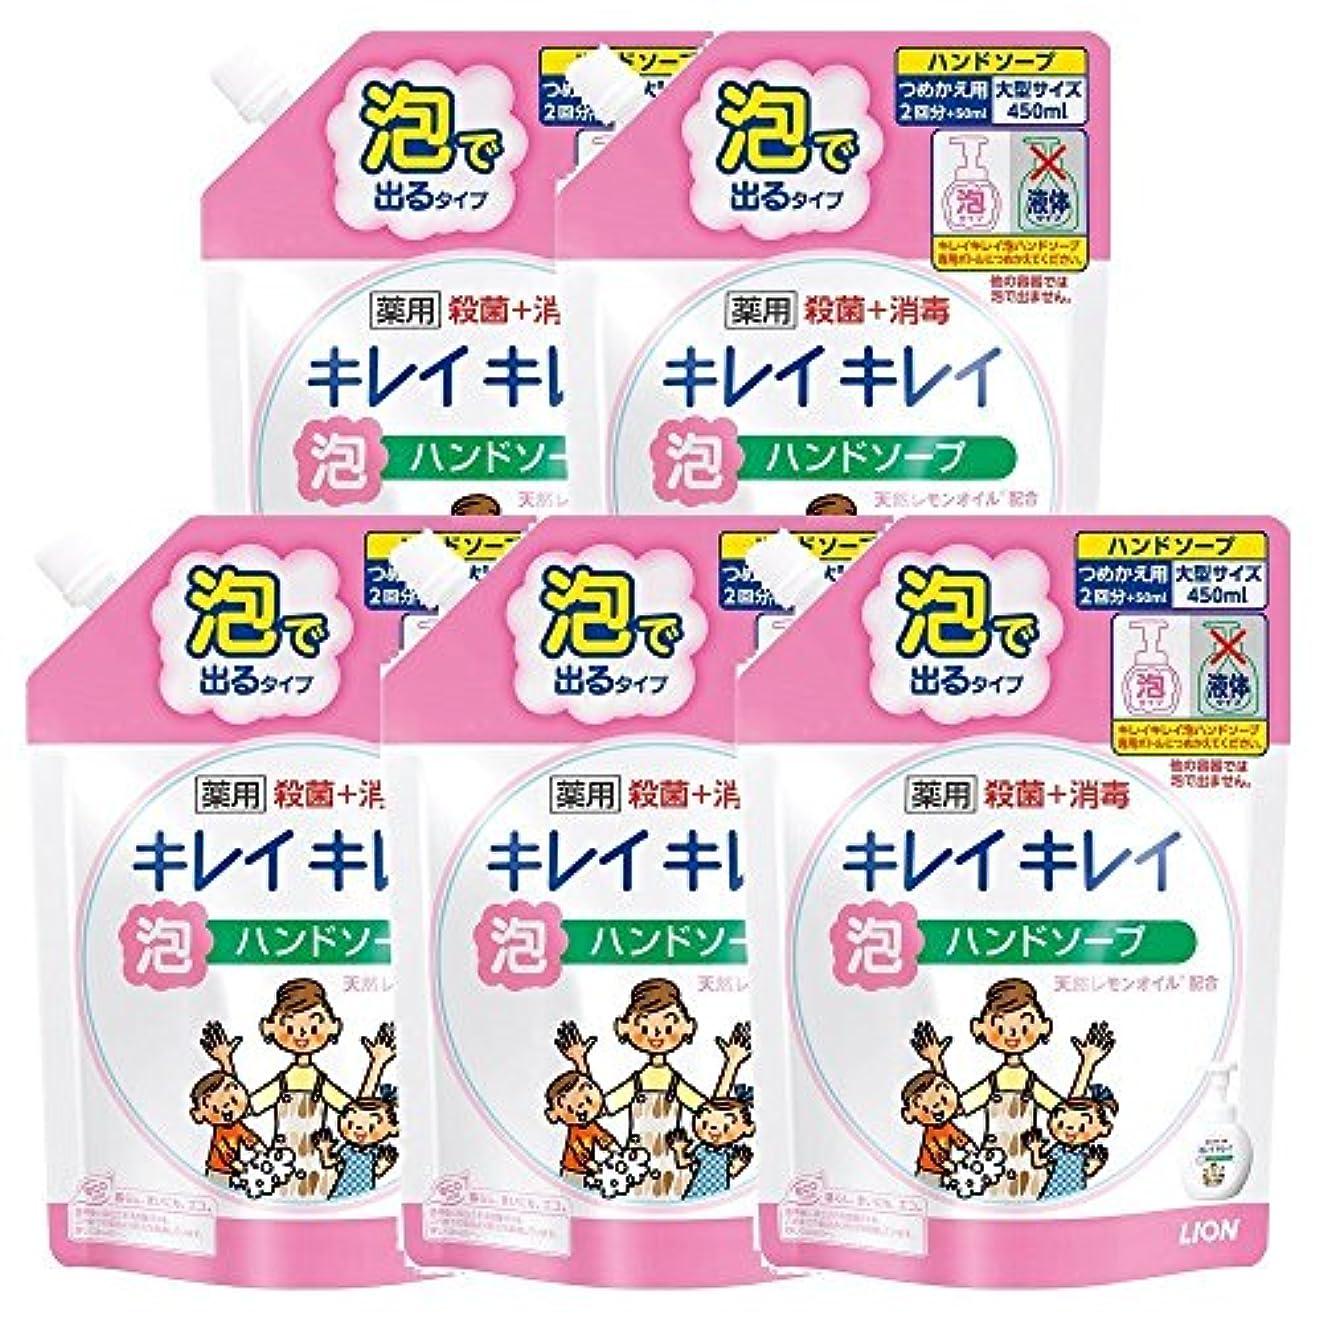 【セット品】キレイキレイ薬用泡ハンドソープつめかえ用大型サイズ450mL (450ml×5個)